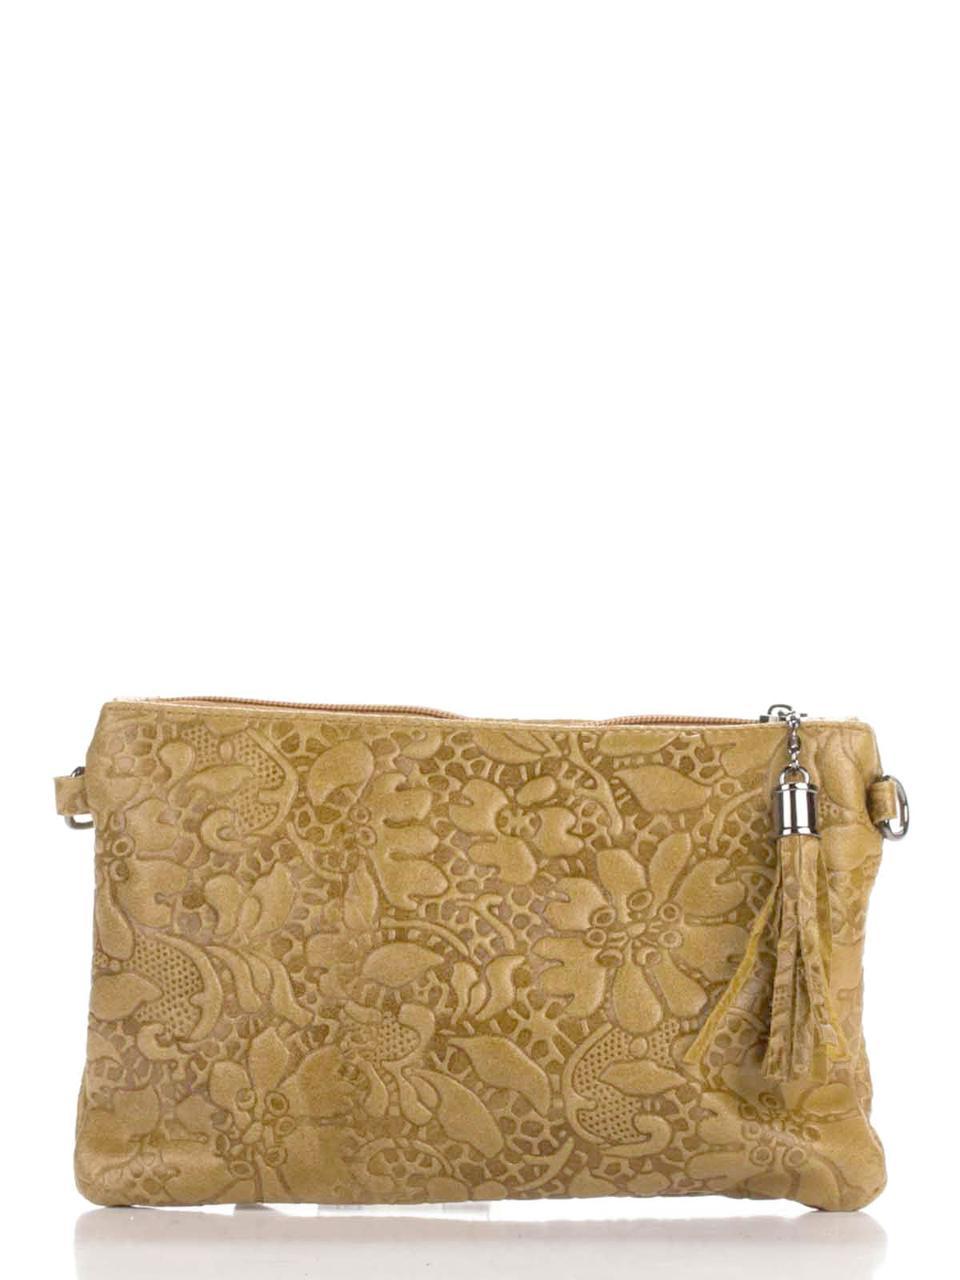 Женская кожаная сумка KISHA Diva's Bag цвет коньячный